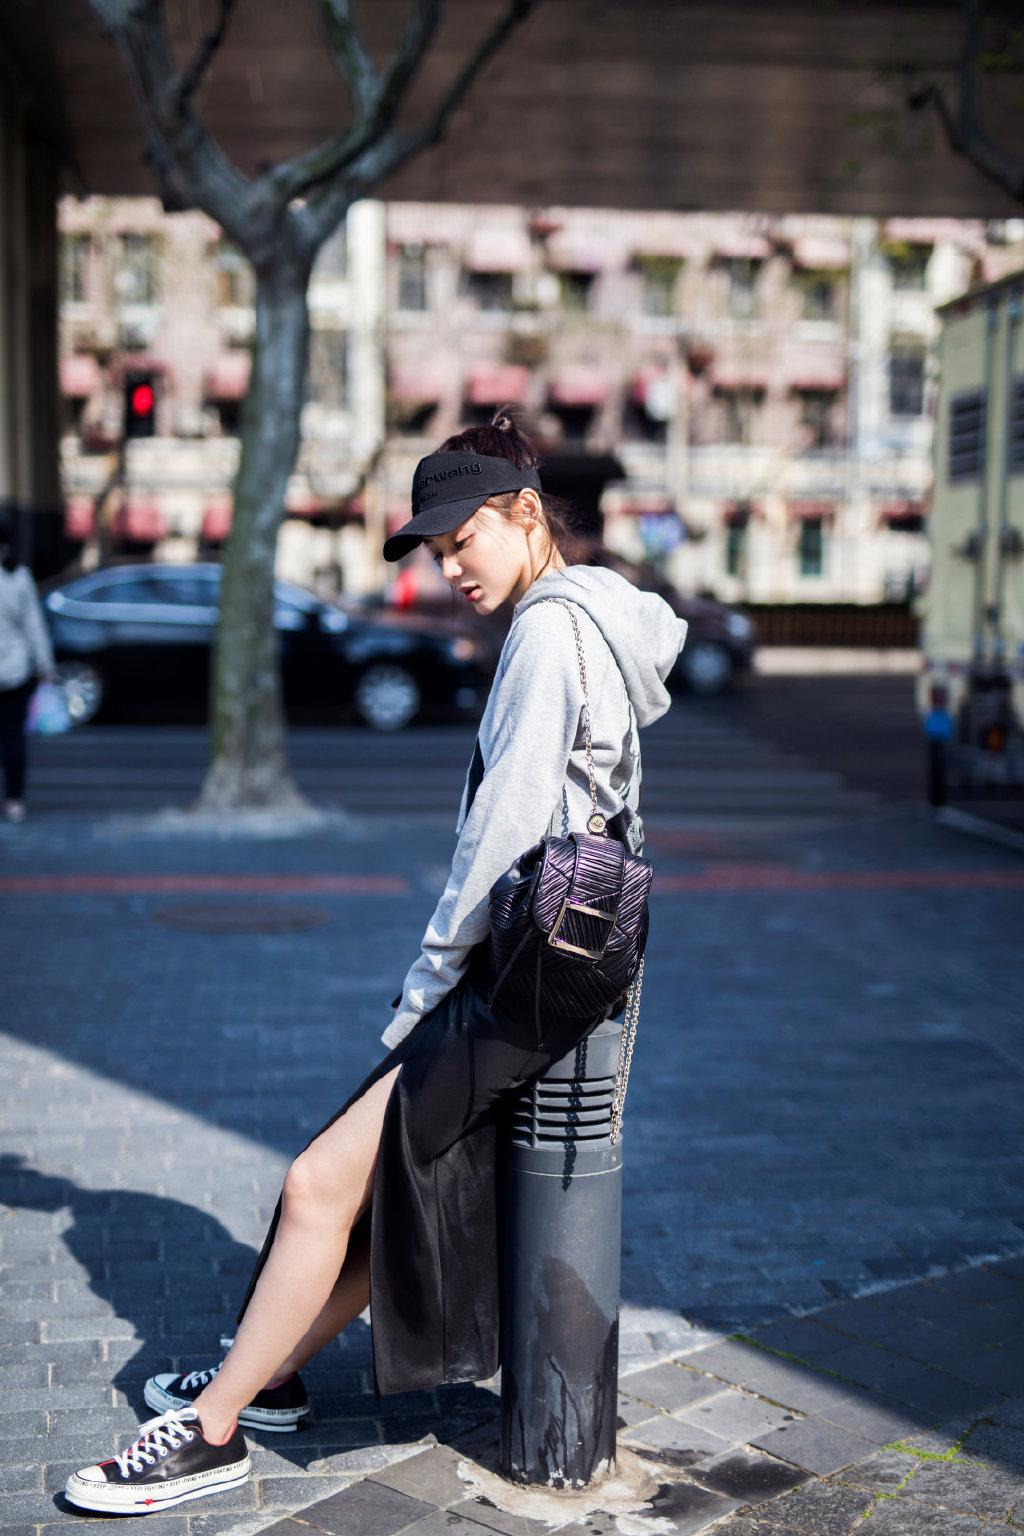 袁姗姗五月街头装元气出炉!黑色棒球帽搭配休闲卫衣